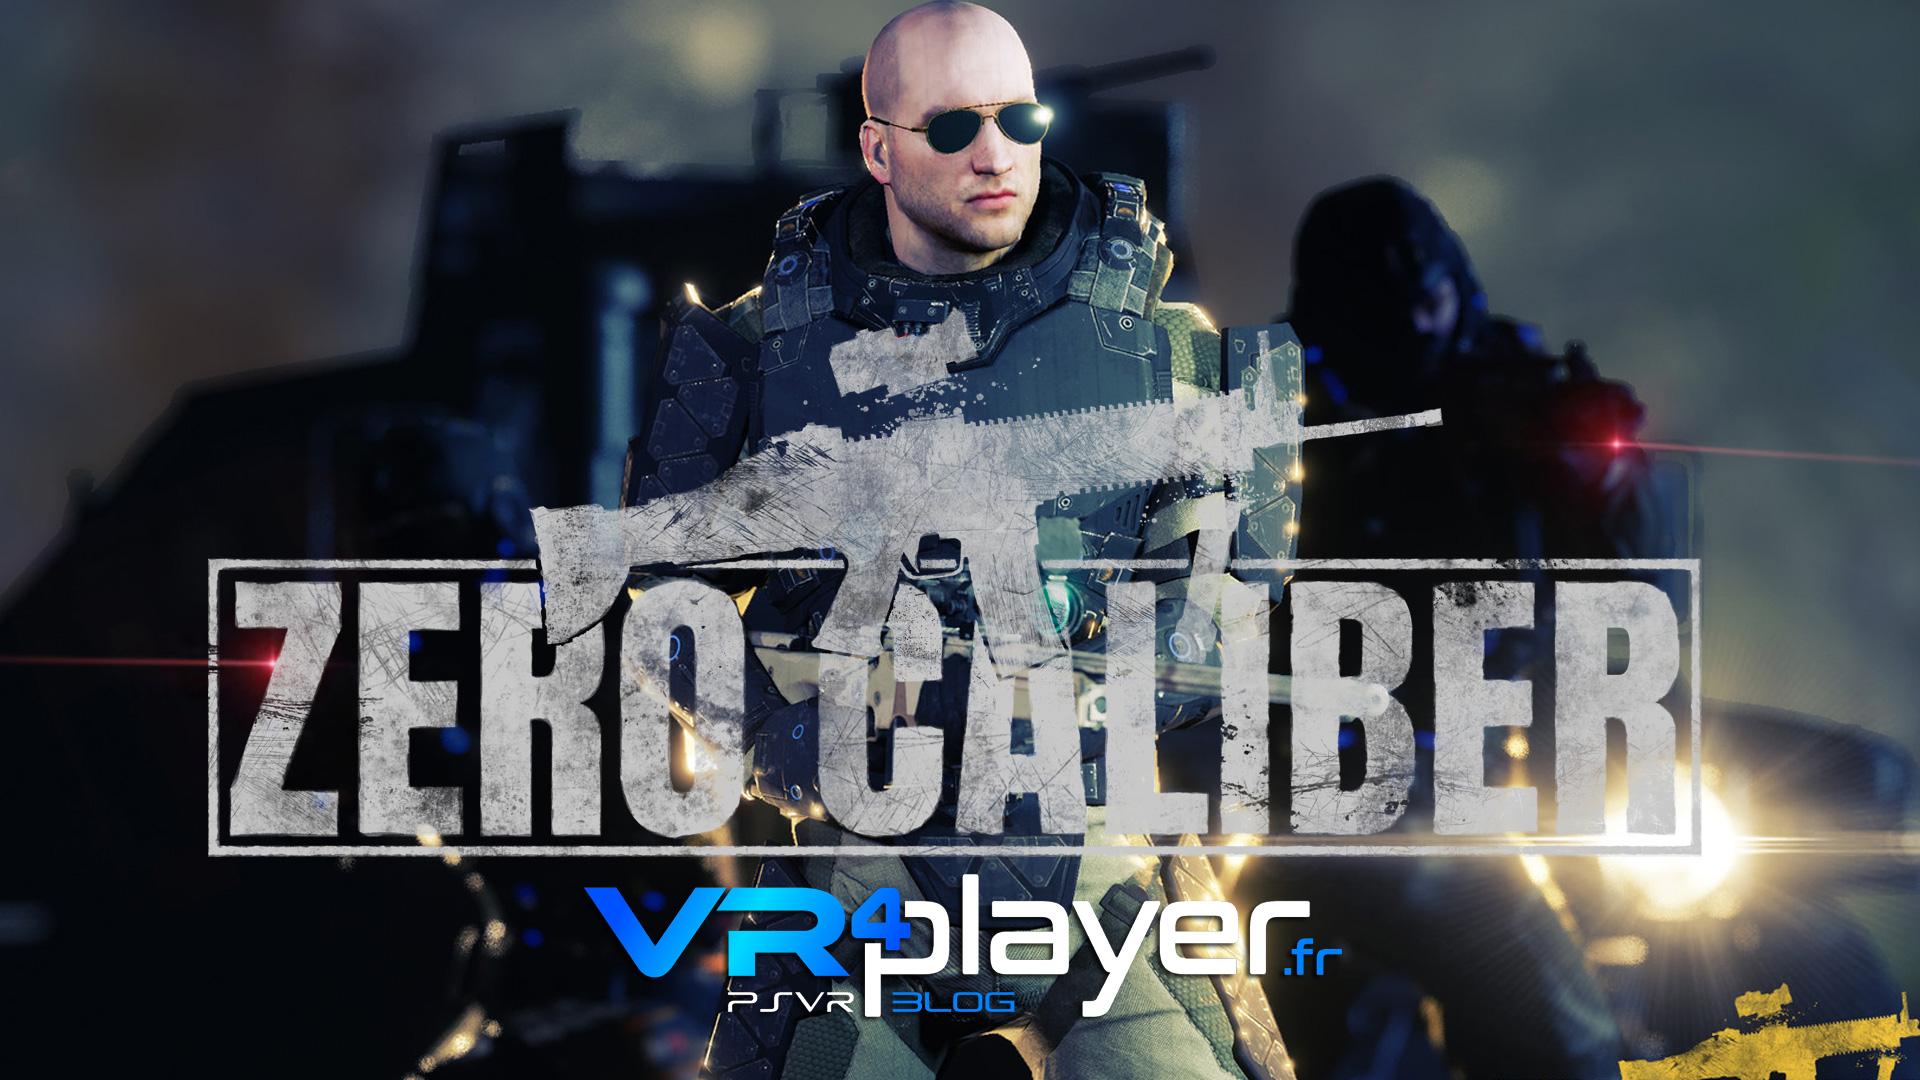 Zero Caliber VR en préparation sur PSVR vr4player.fr